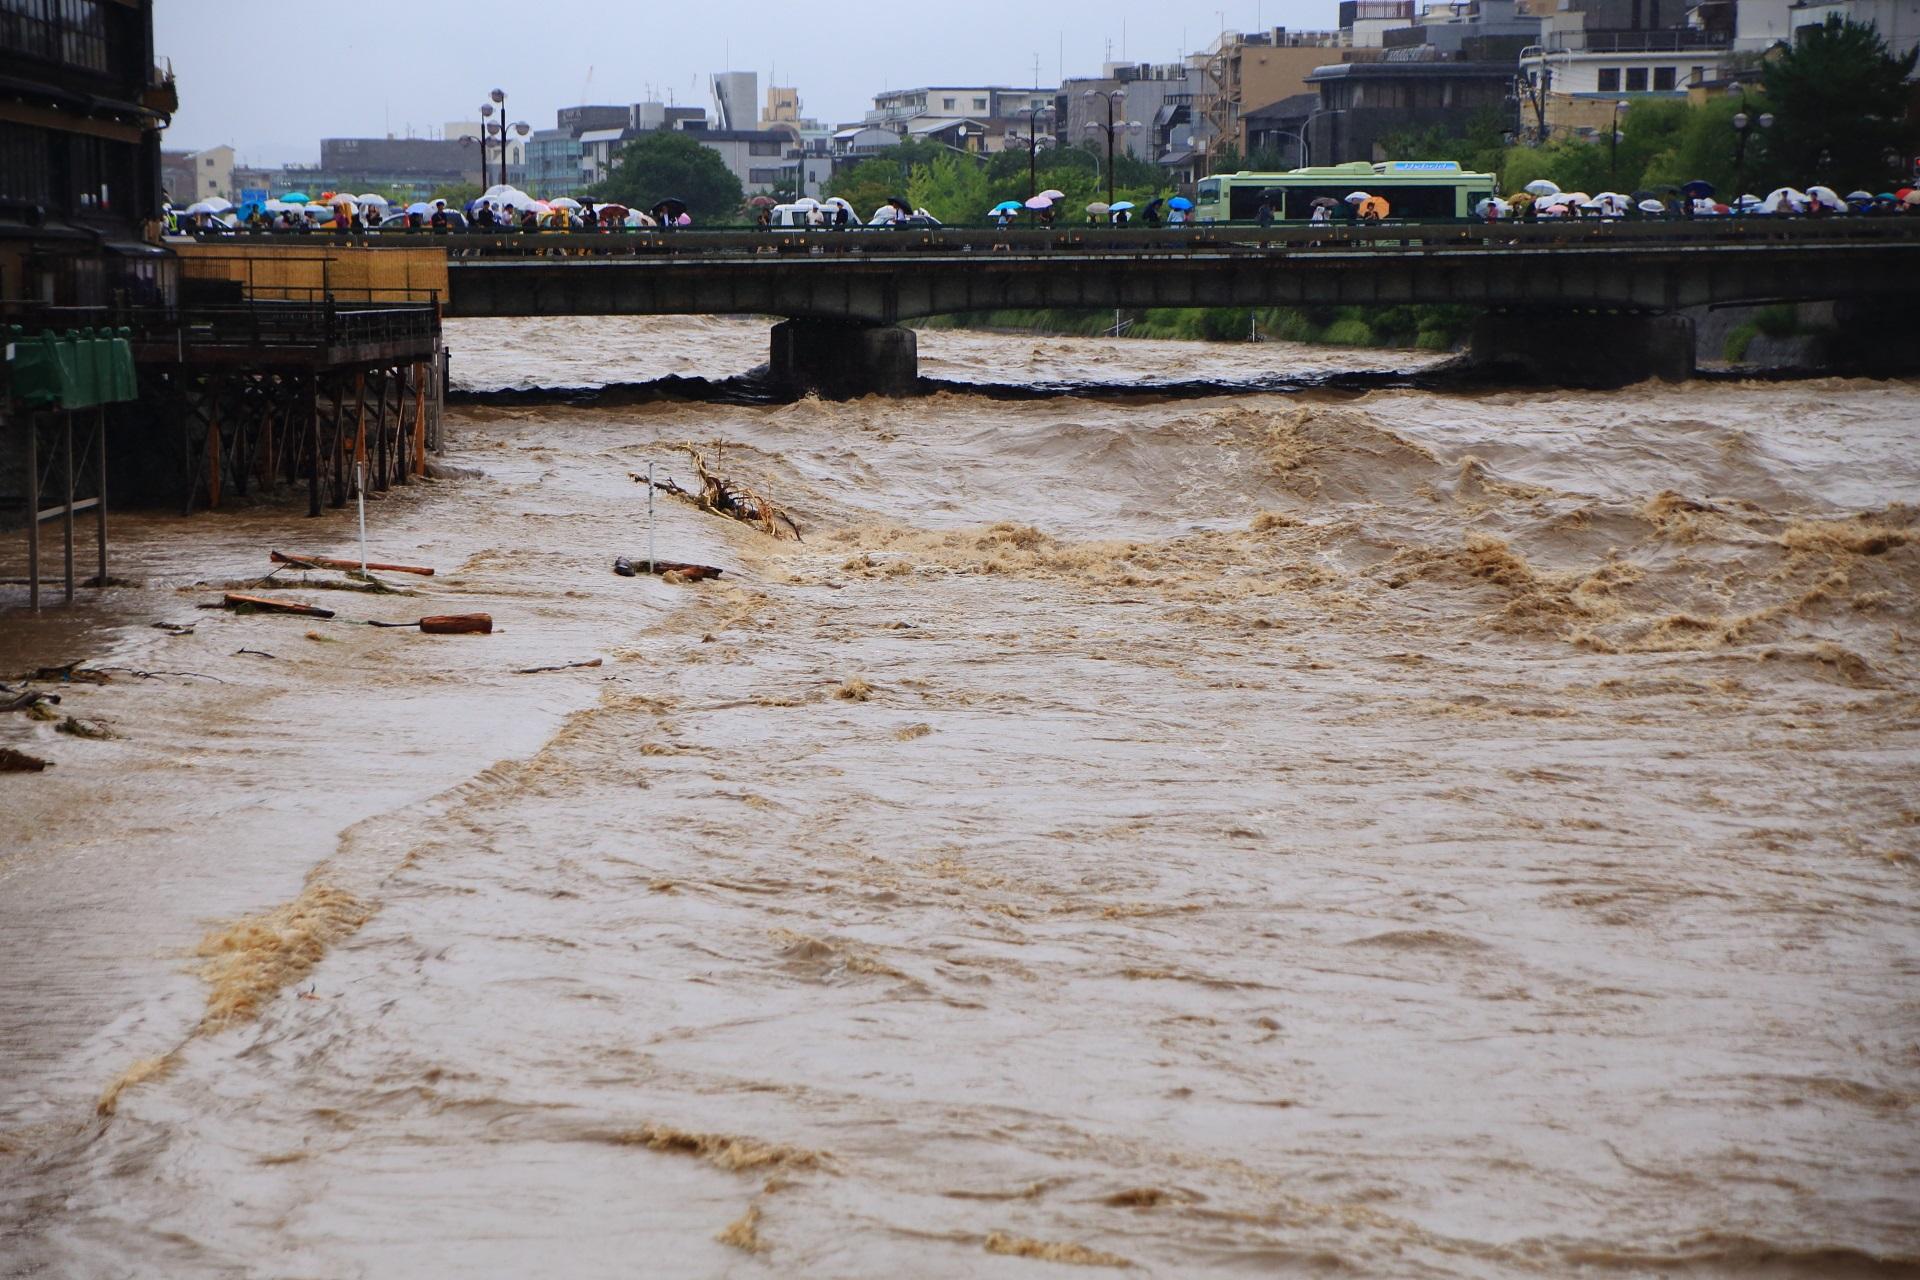 鴨川の激流によって流され漂着したたくさんの丸太